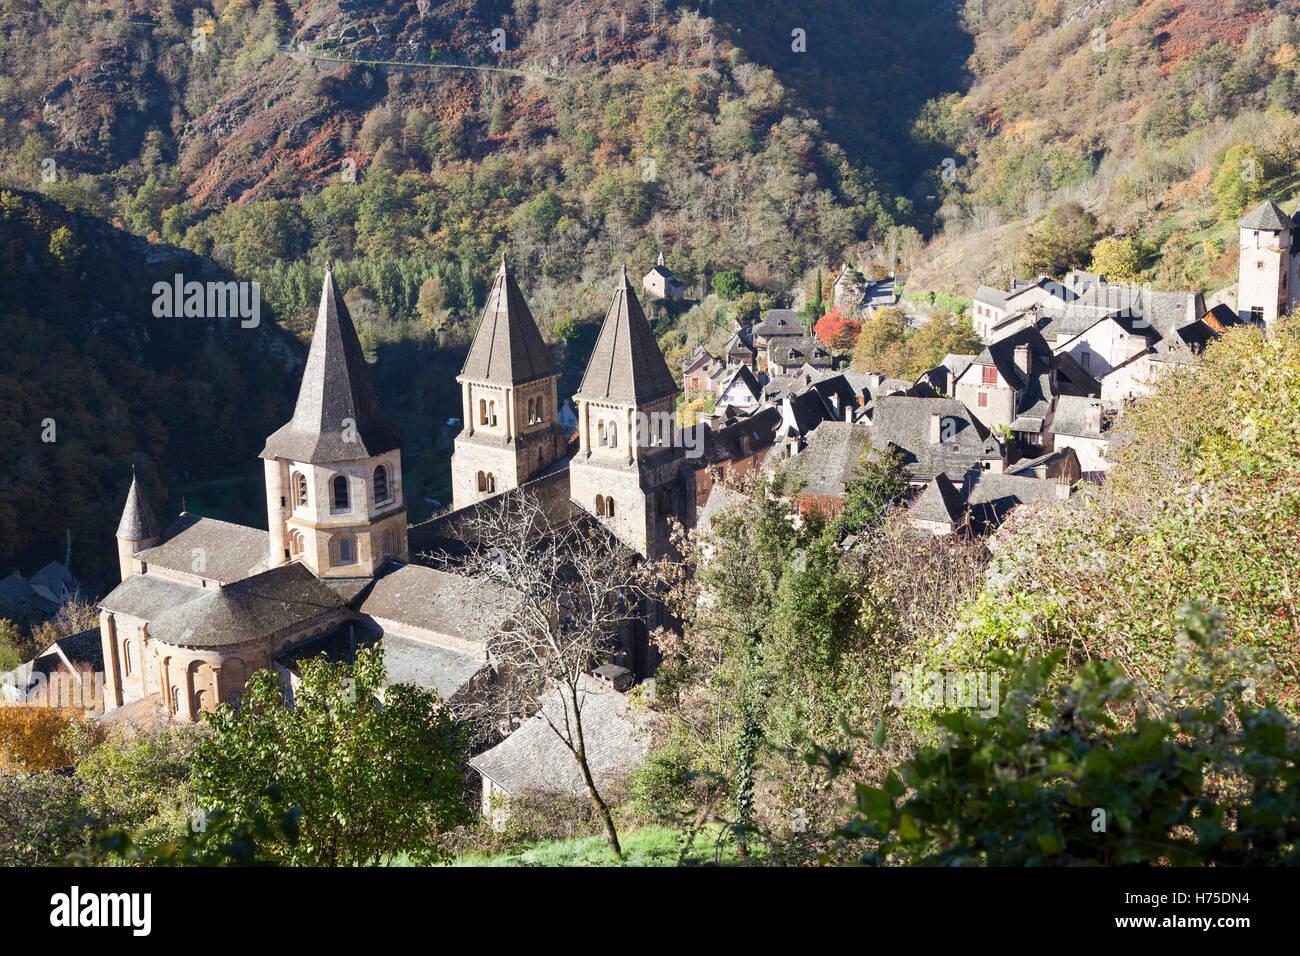 Un alto ángulo de disparo en el pueblo de Conques (Francia) por una mañana otoñal. Plongée Contre-sur Conques par onu matin d'Automne. Foto de stock